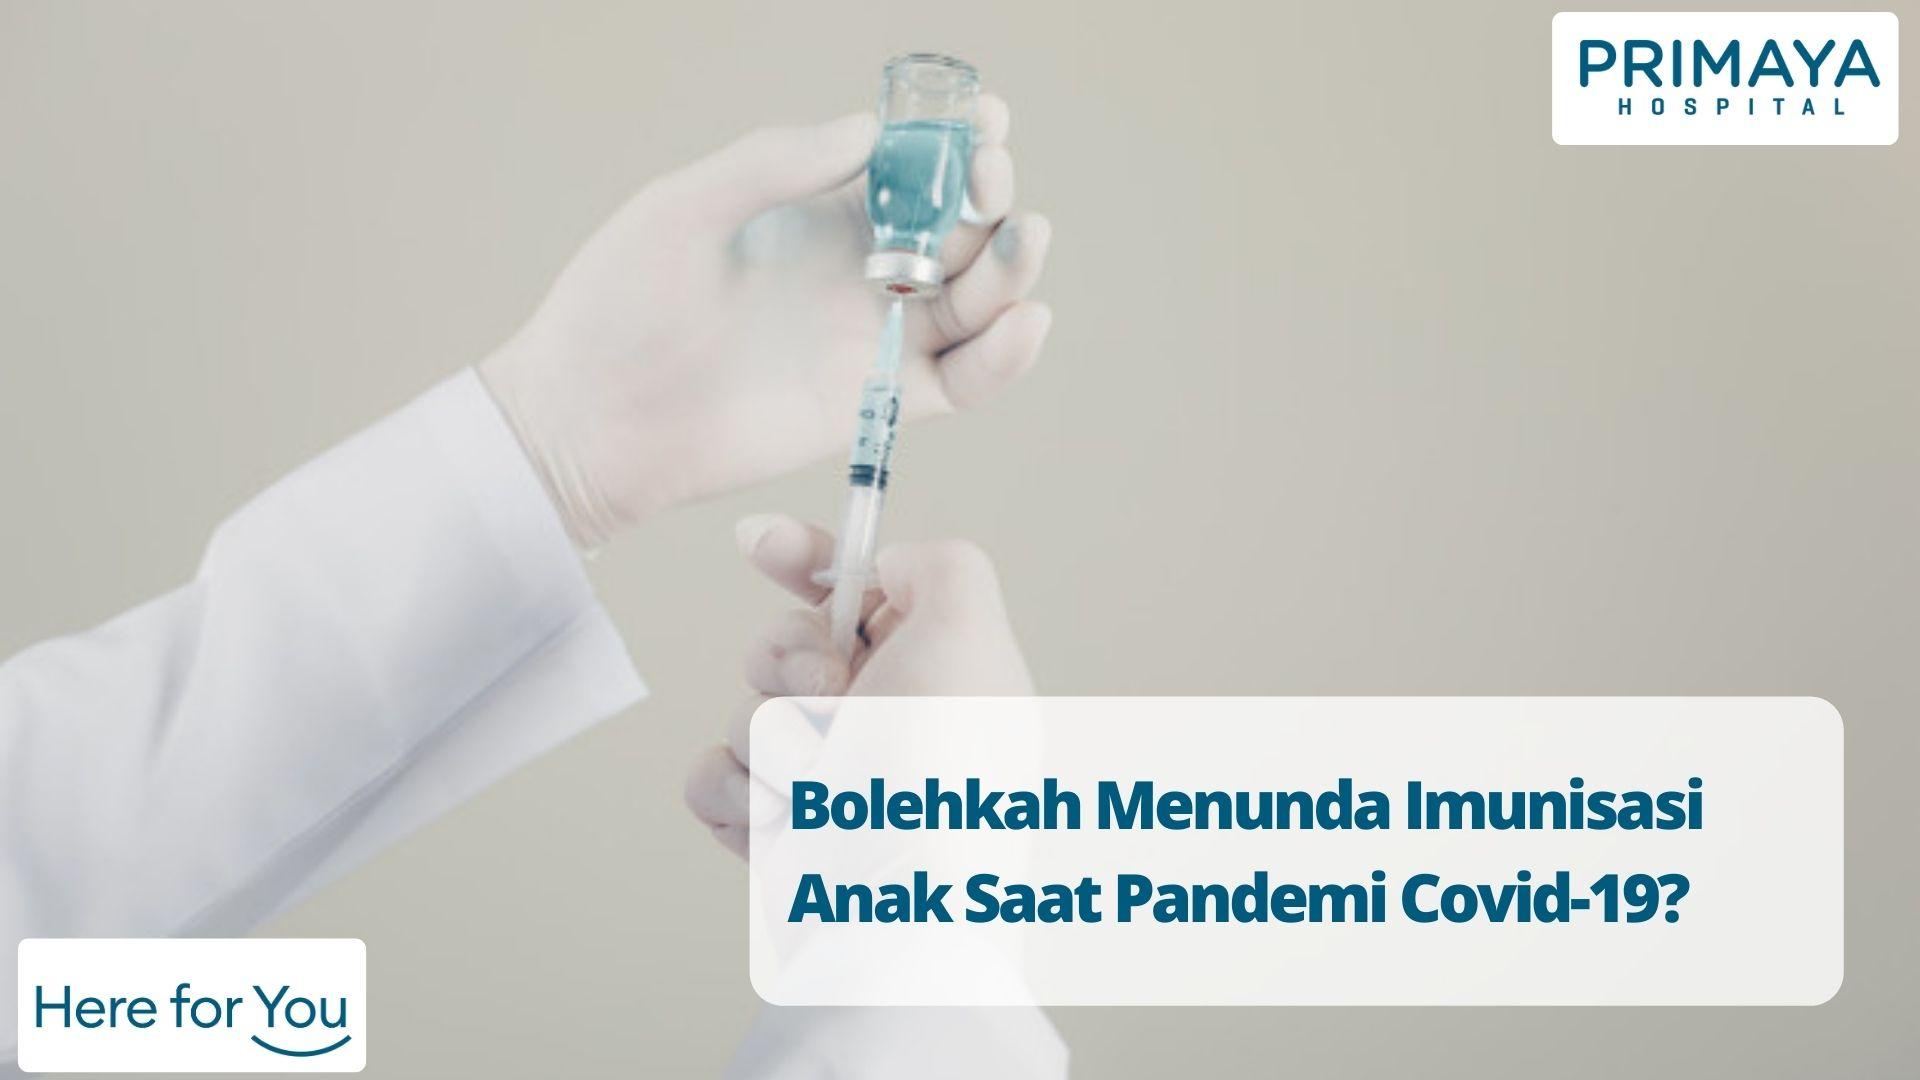 Bolehkah Menunda Imunisasi Anak Saat Pandemi Covid-19_